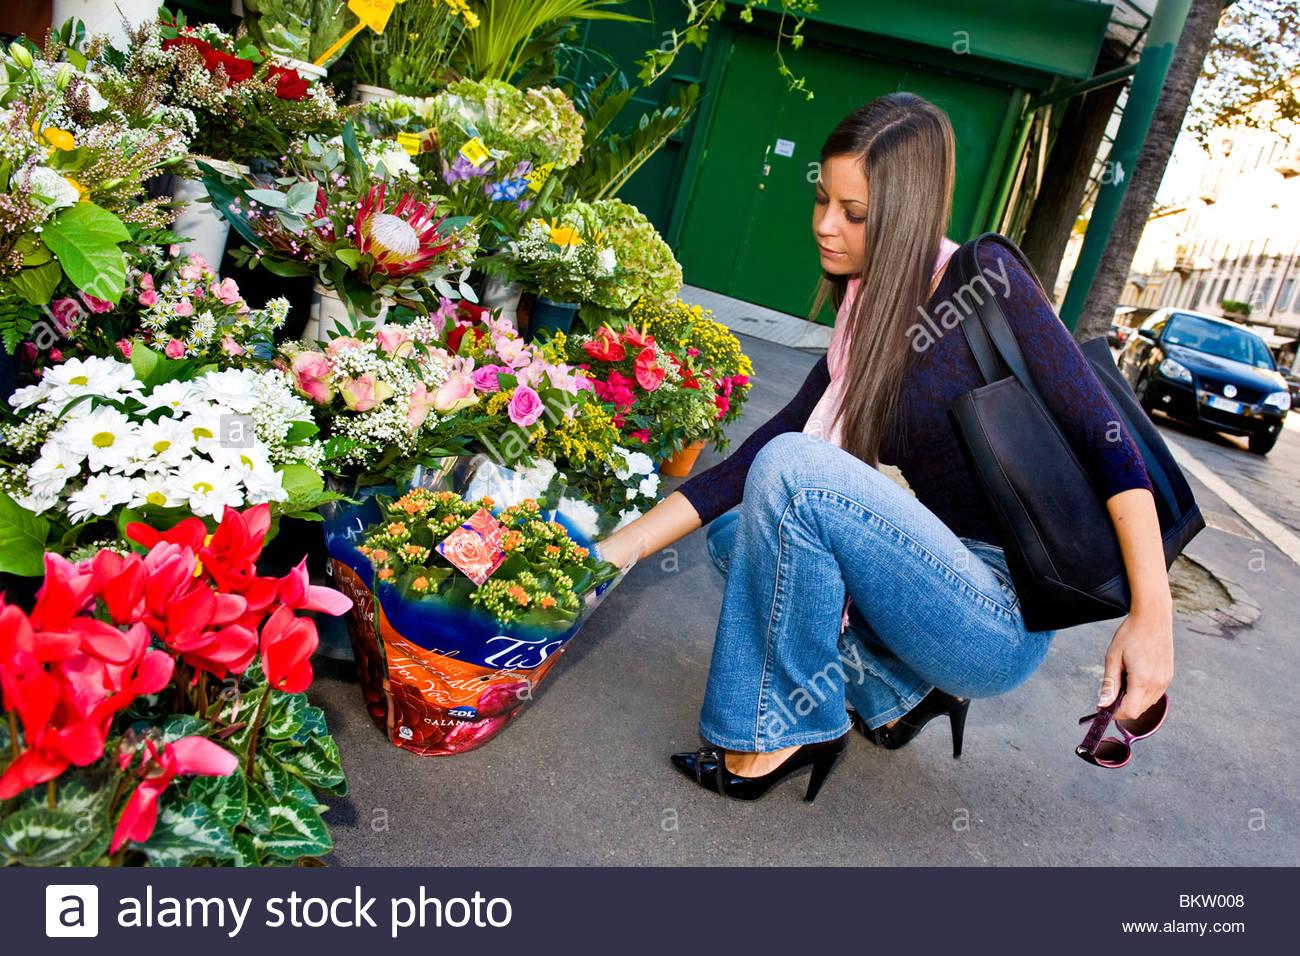 Frau kauft eine Pflanze von dem Floristen Stockbild